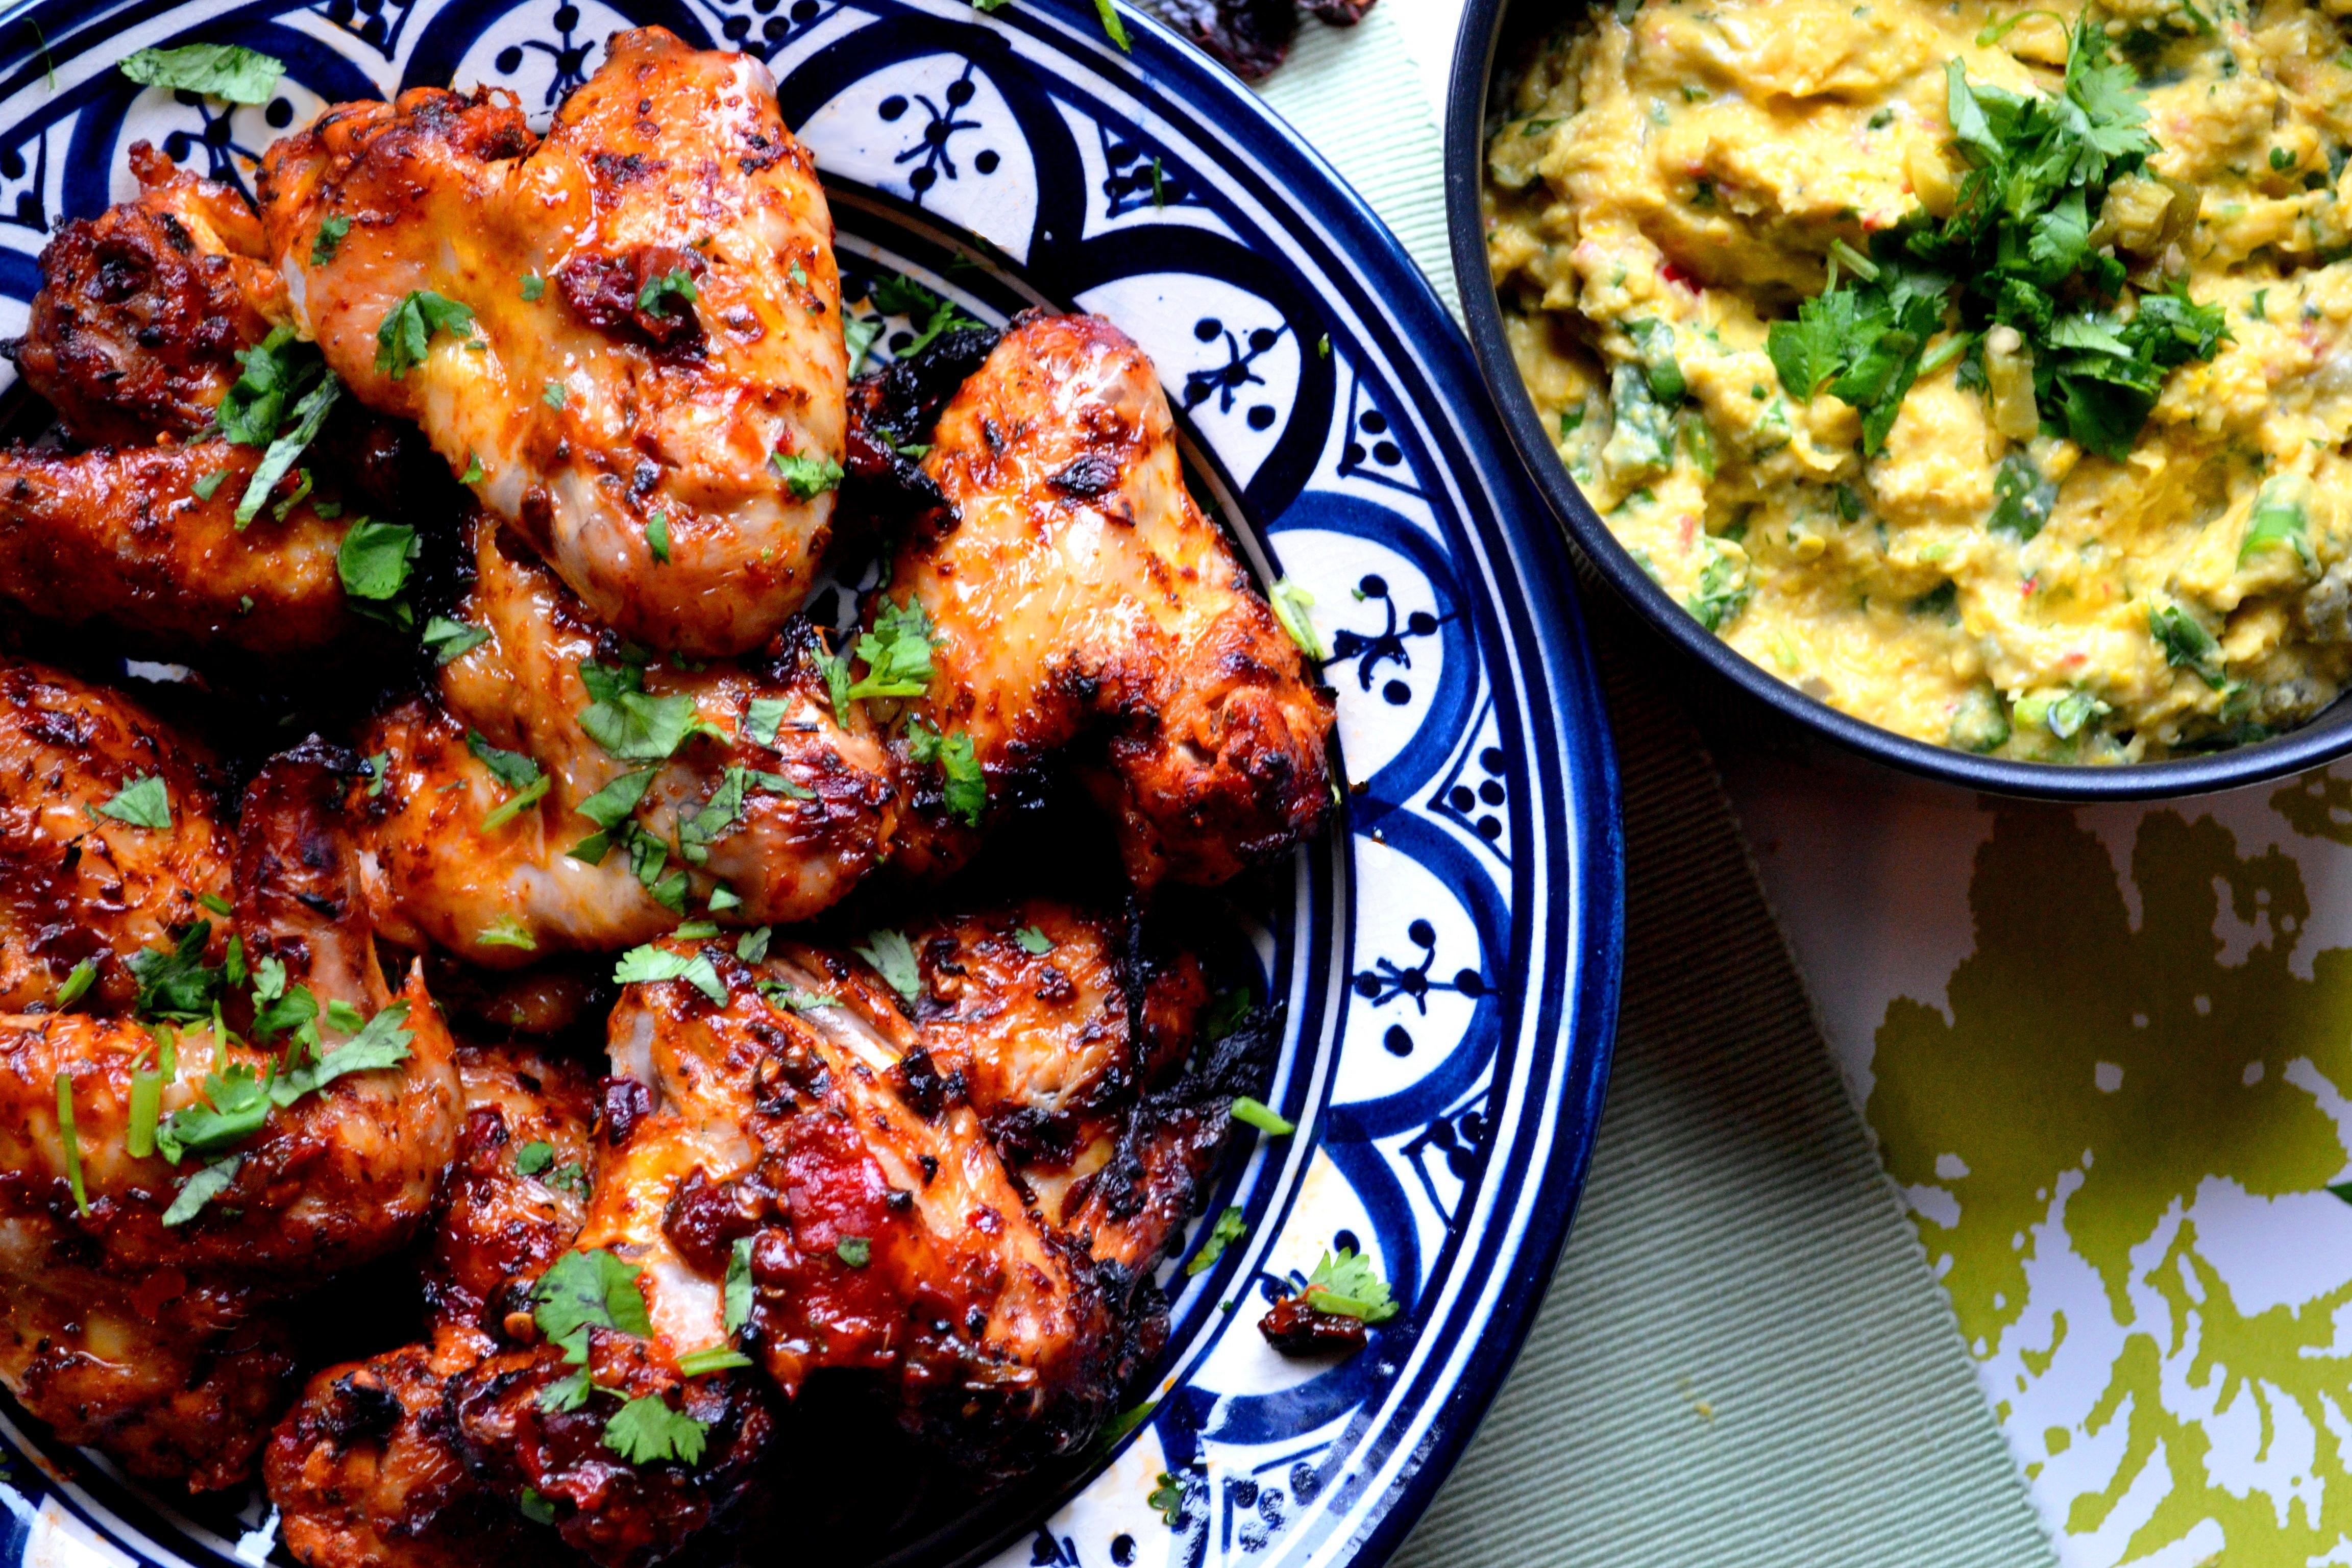 Sticky chicken wings recipe kids recipe great british chefs forumfinder Gallery